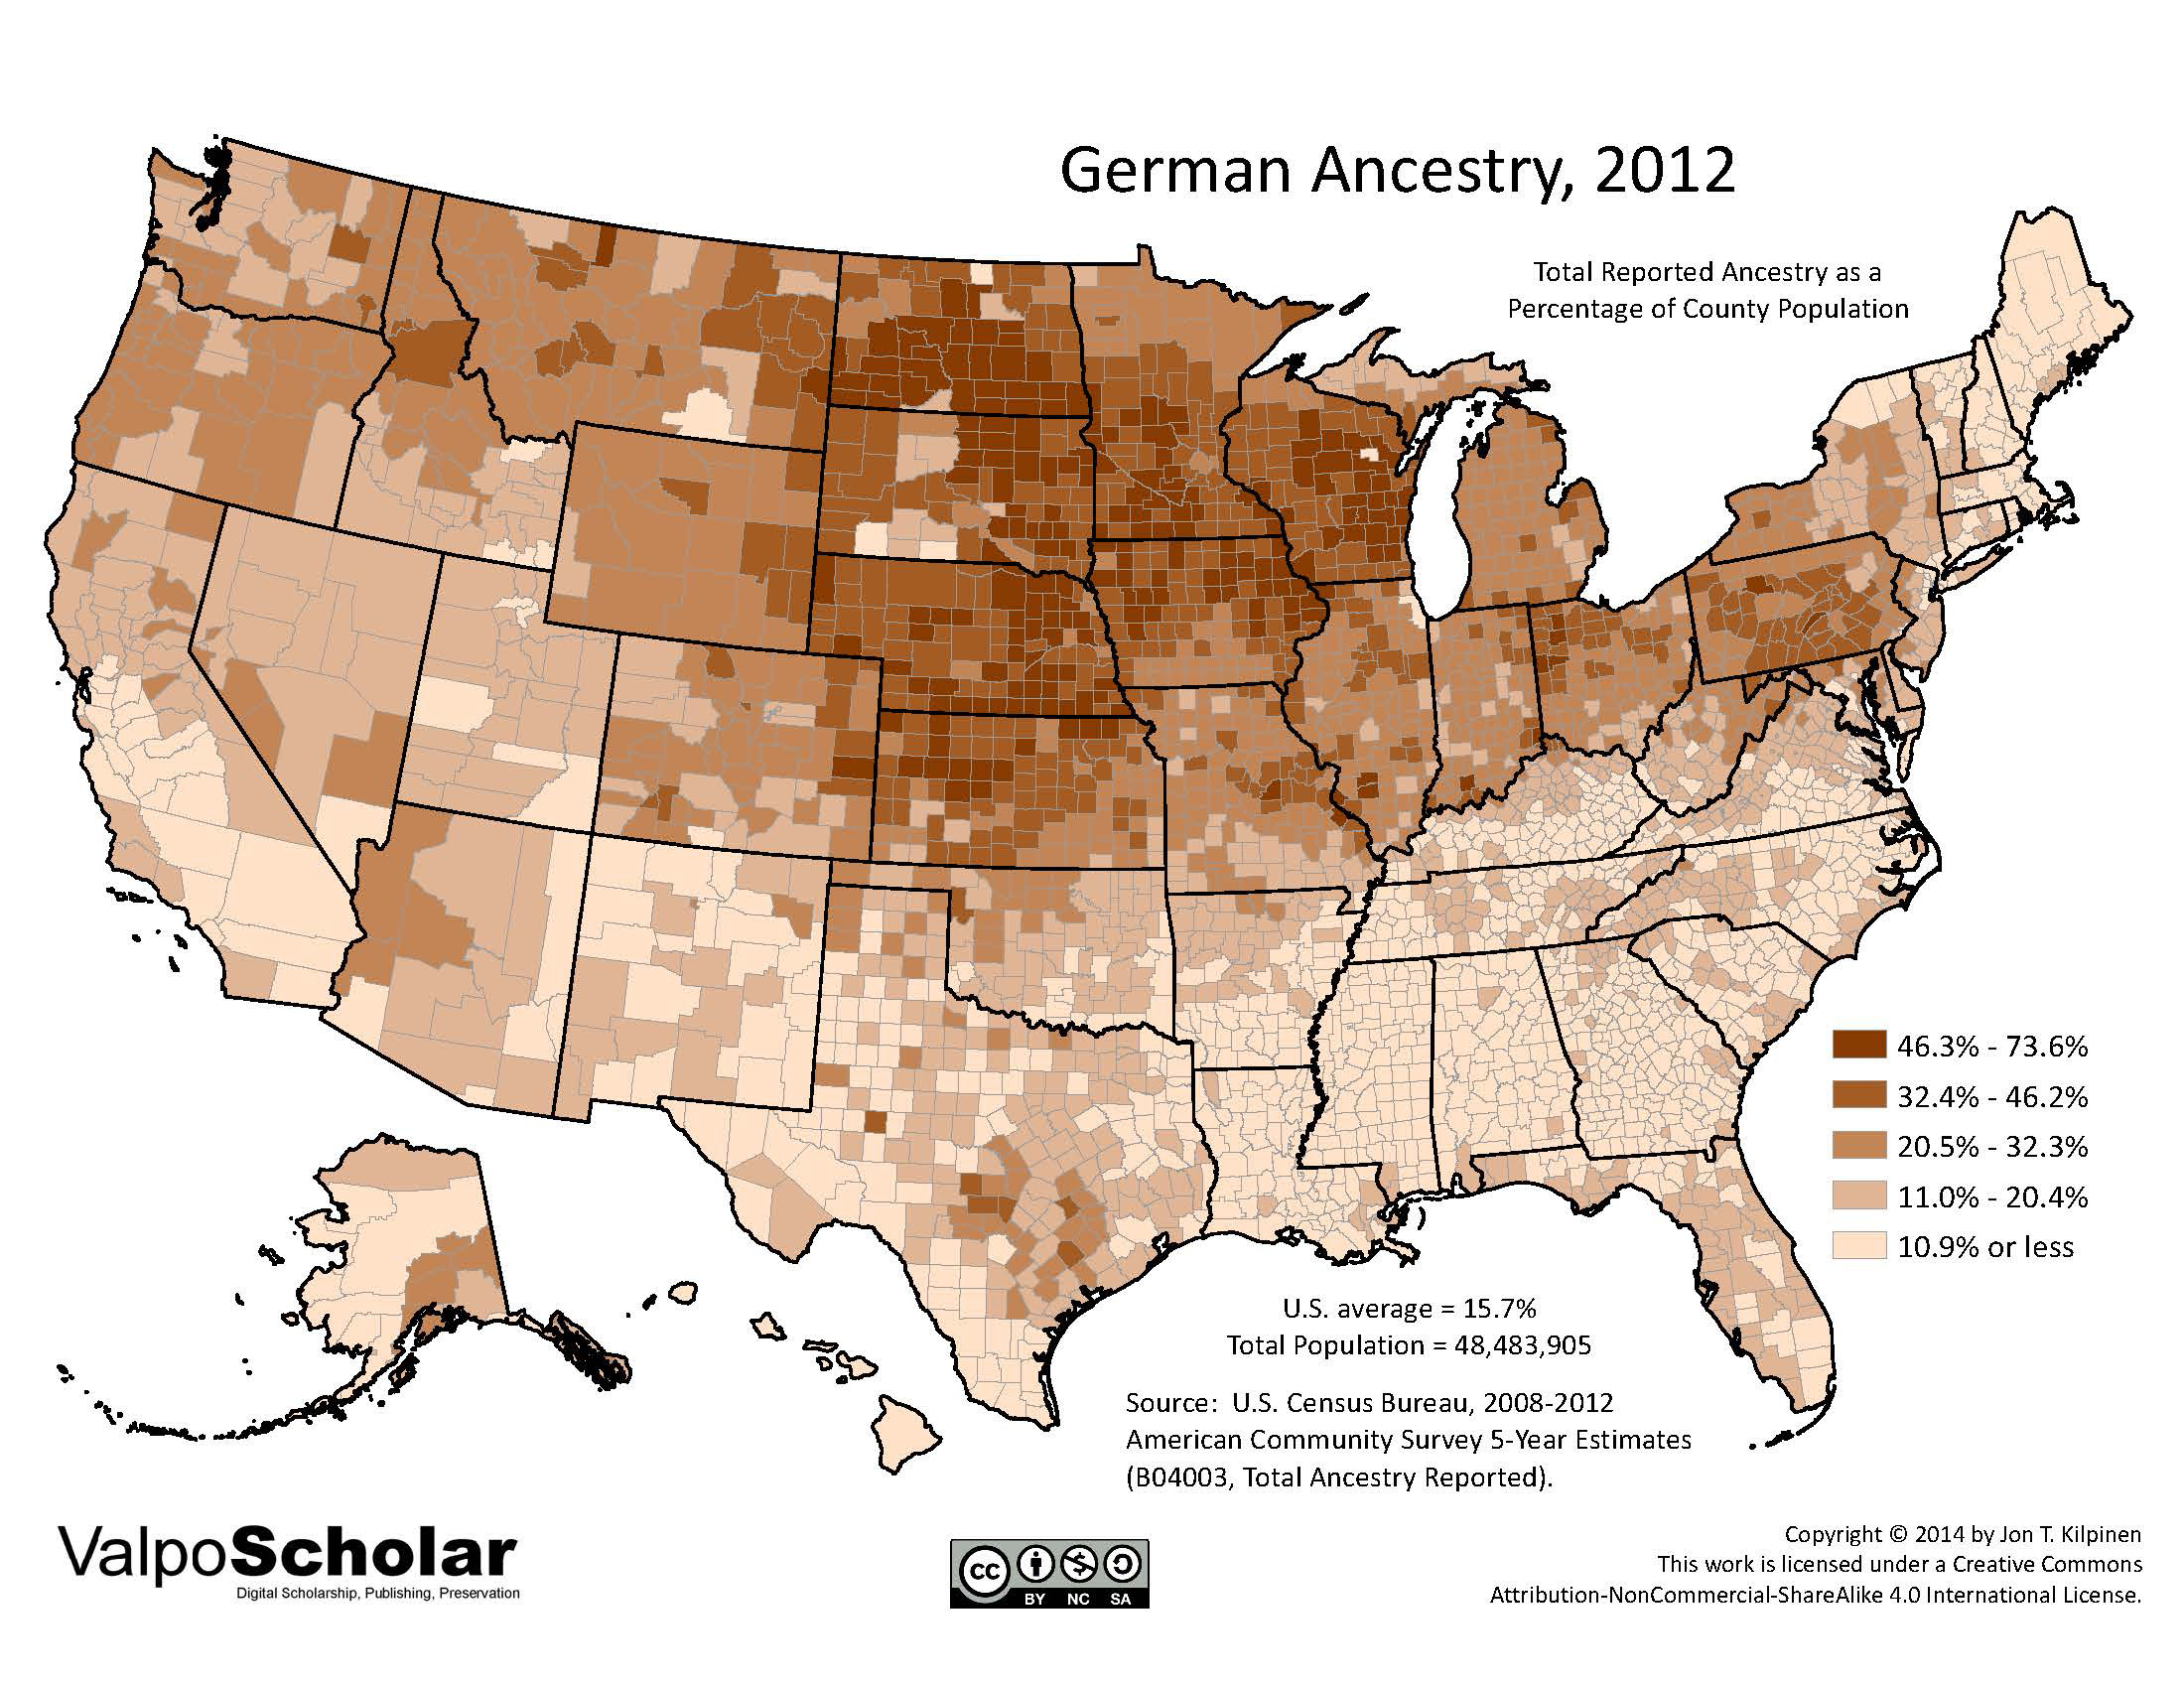 German Ancestry By Jon T Kilpinen - Us ancestry map